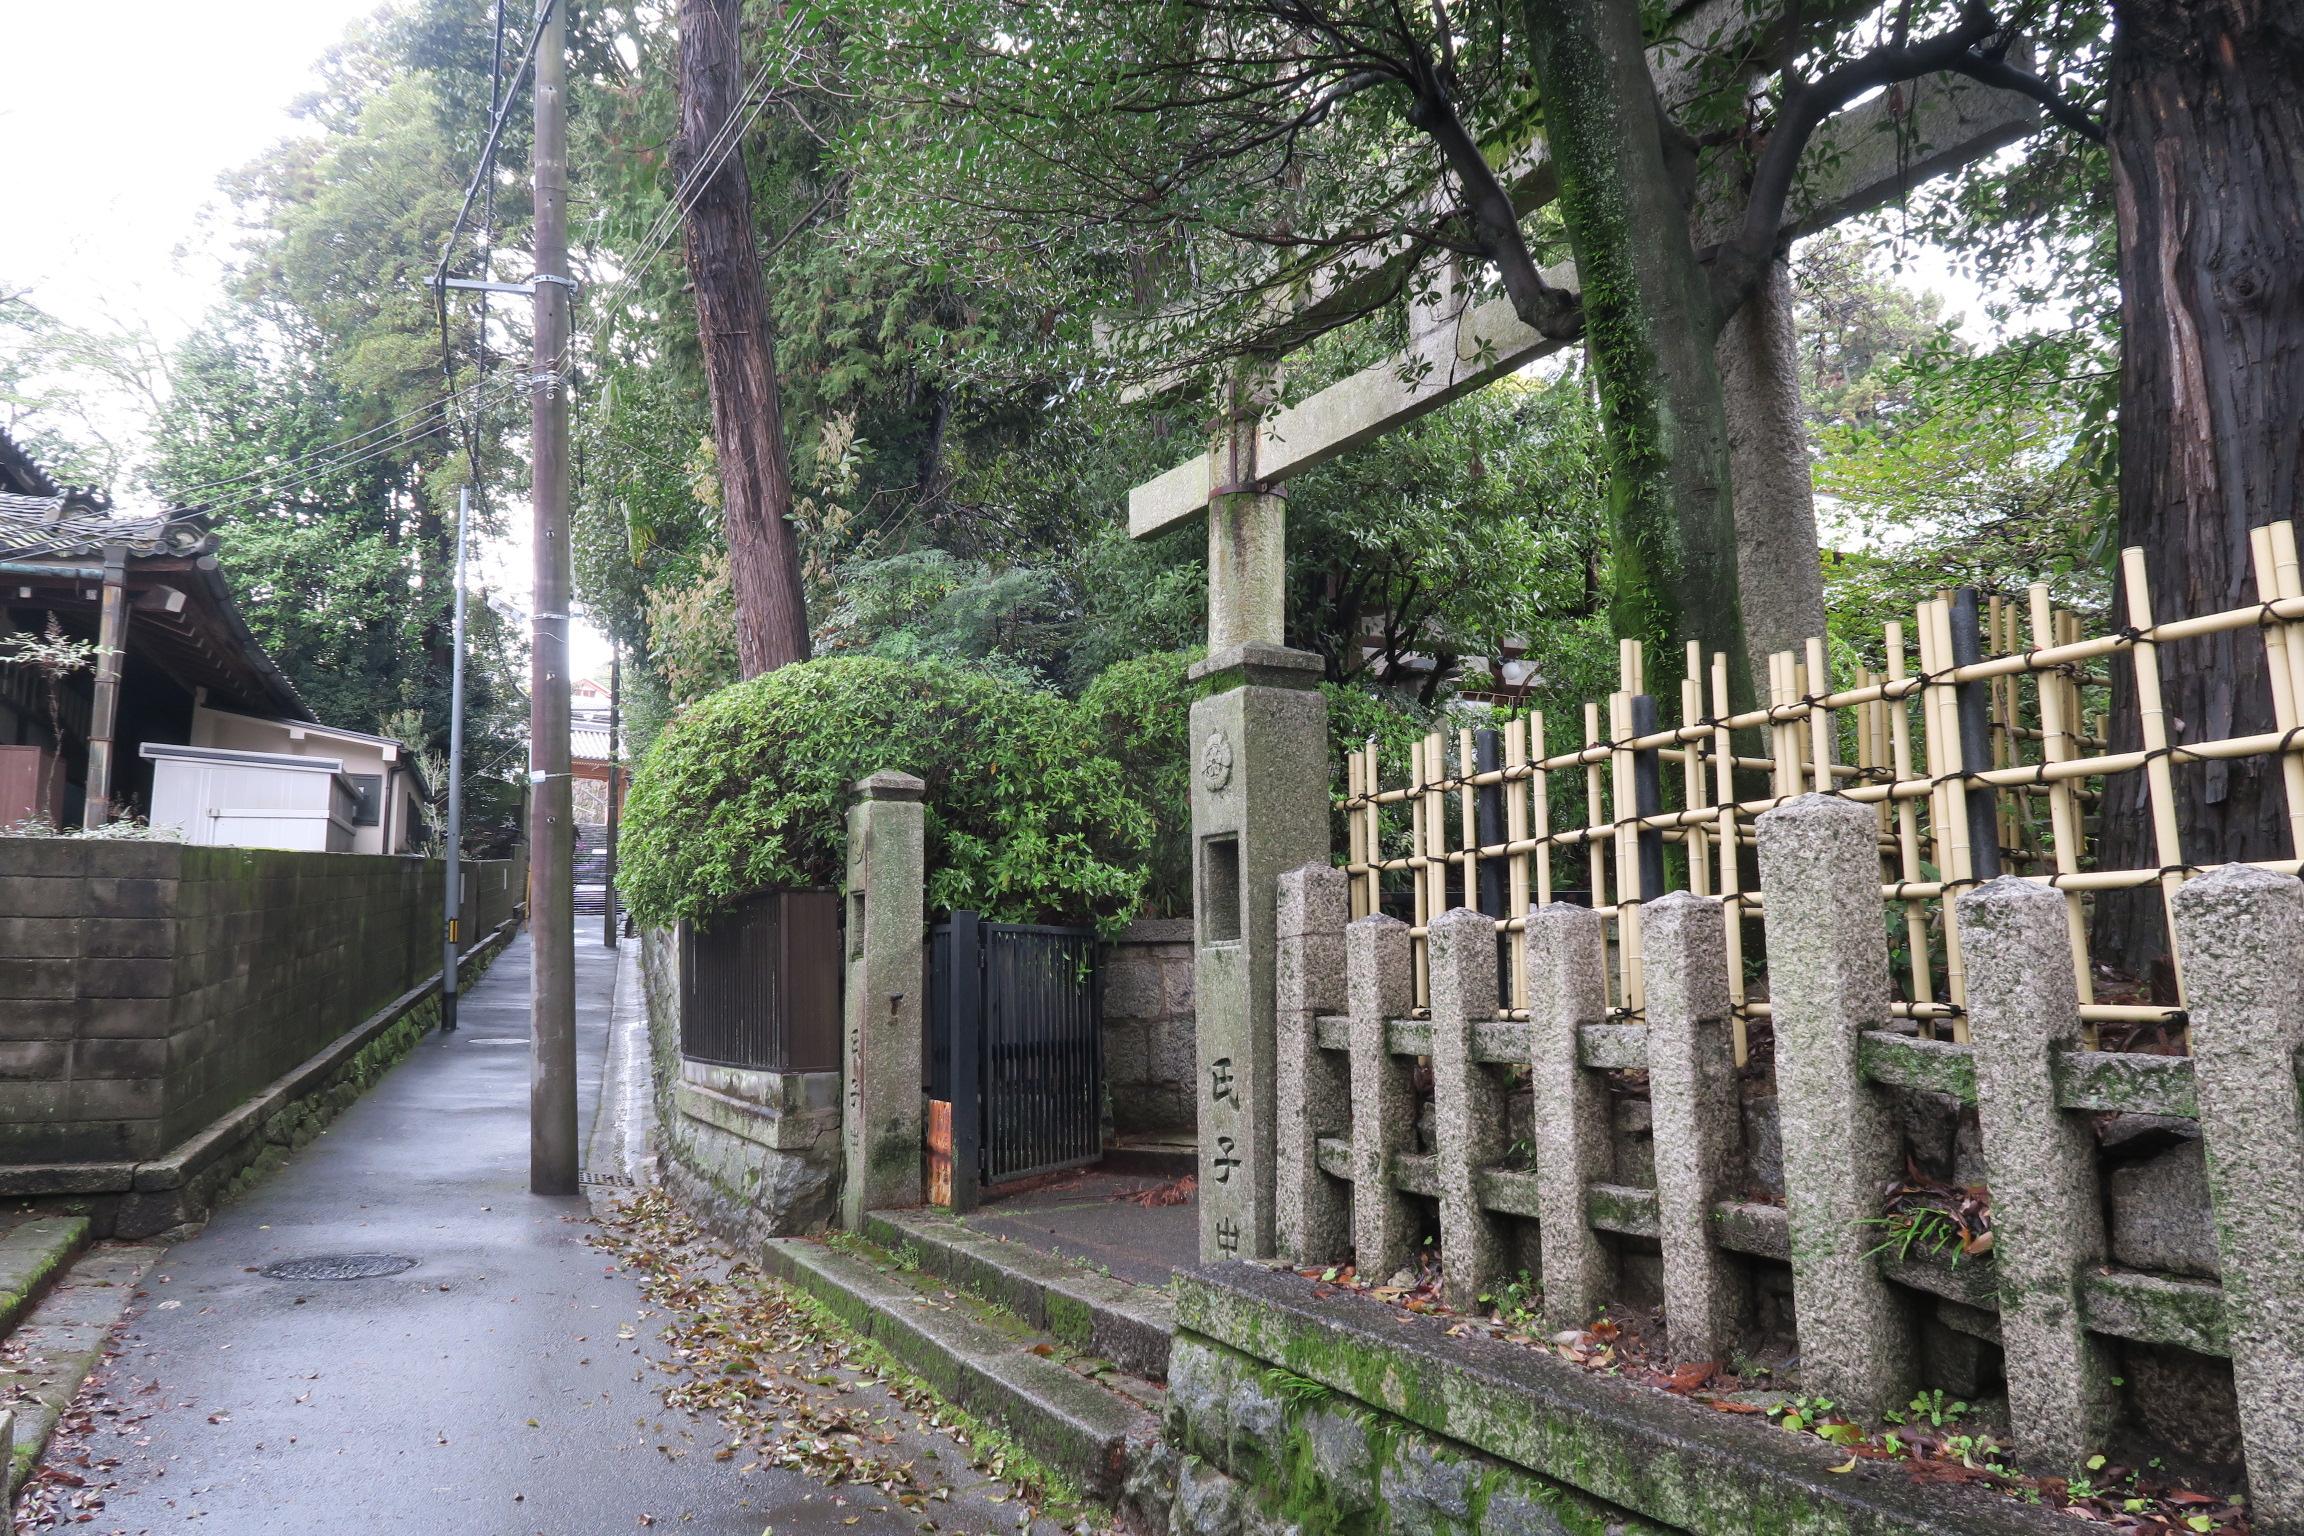 蓮池院と松樹院の間の道を南方向に歩いてくると、スタート地点の岡崎神社に出ることができます。